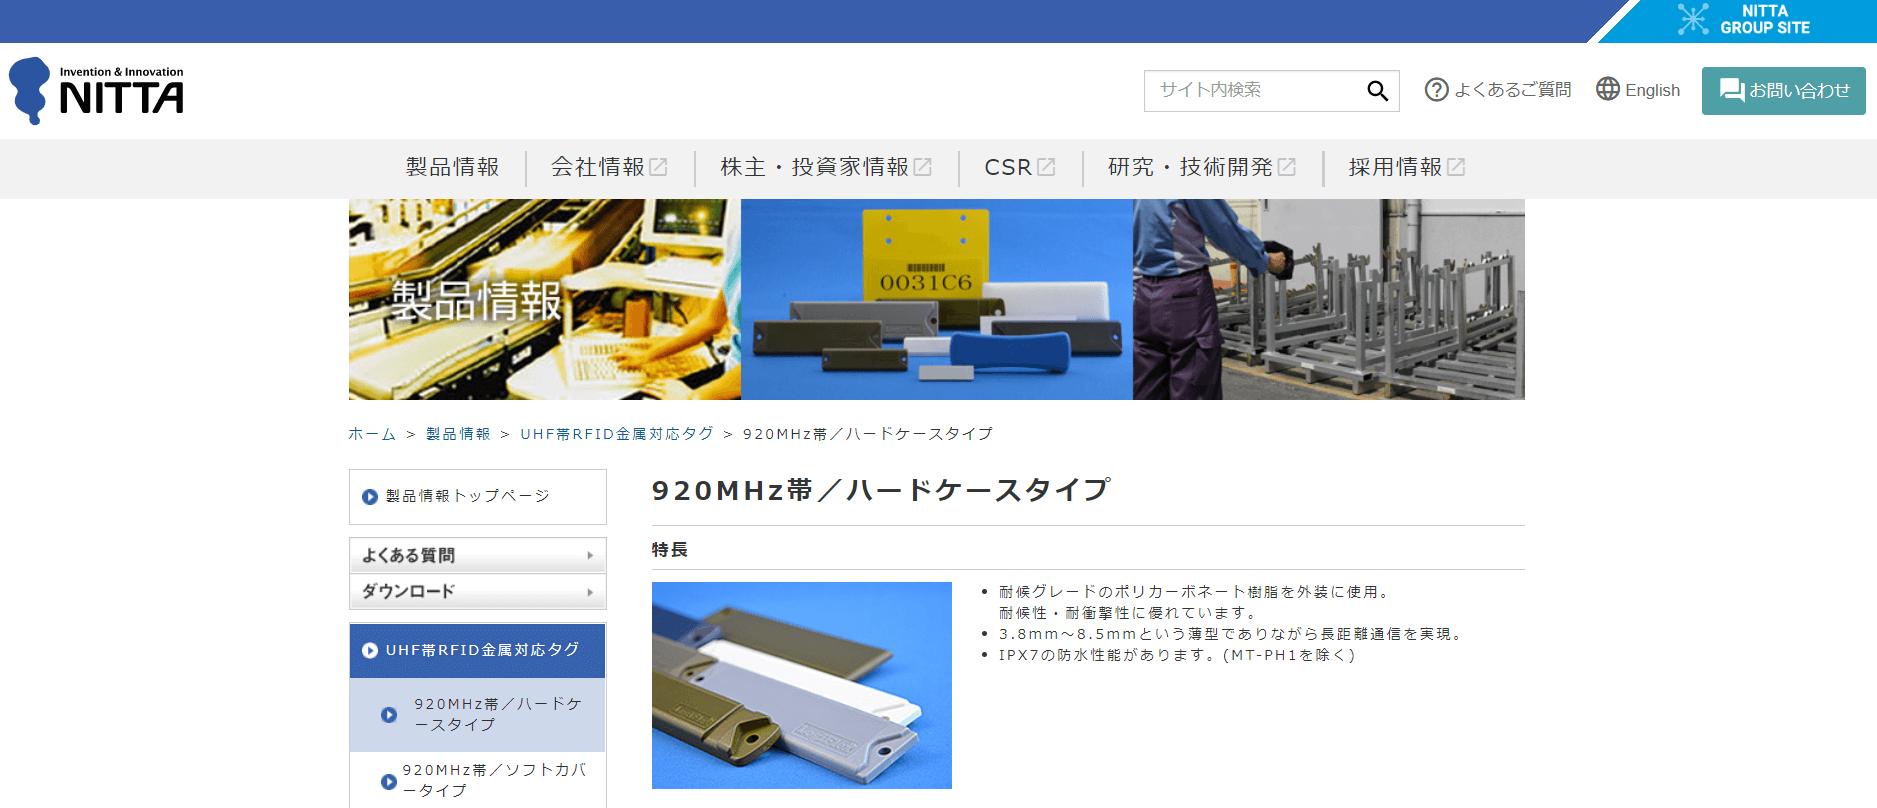 920MHz帯/ハードケースタイプ